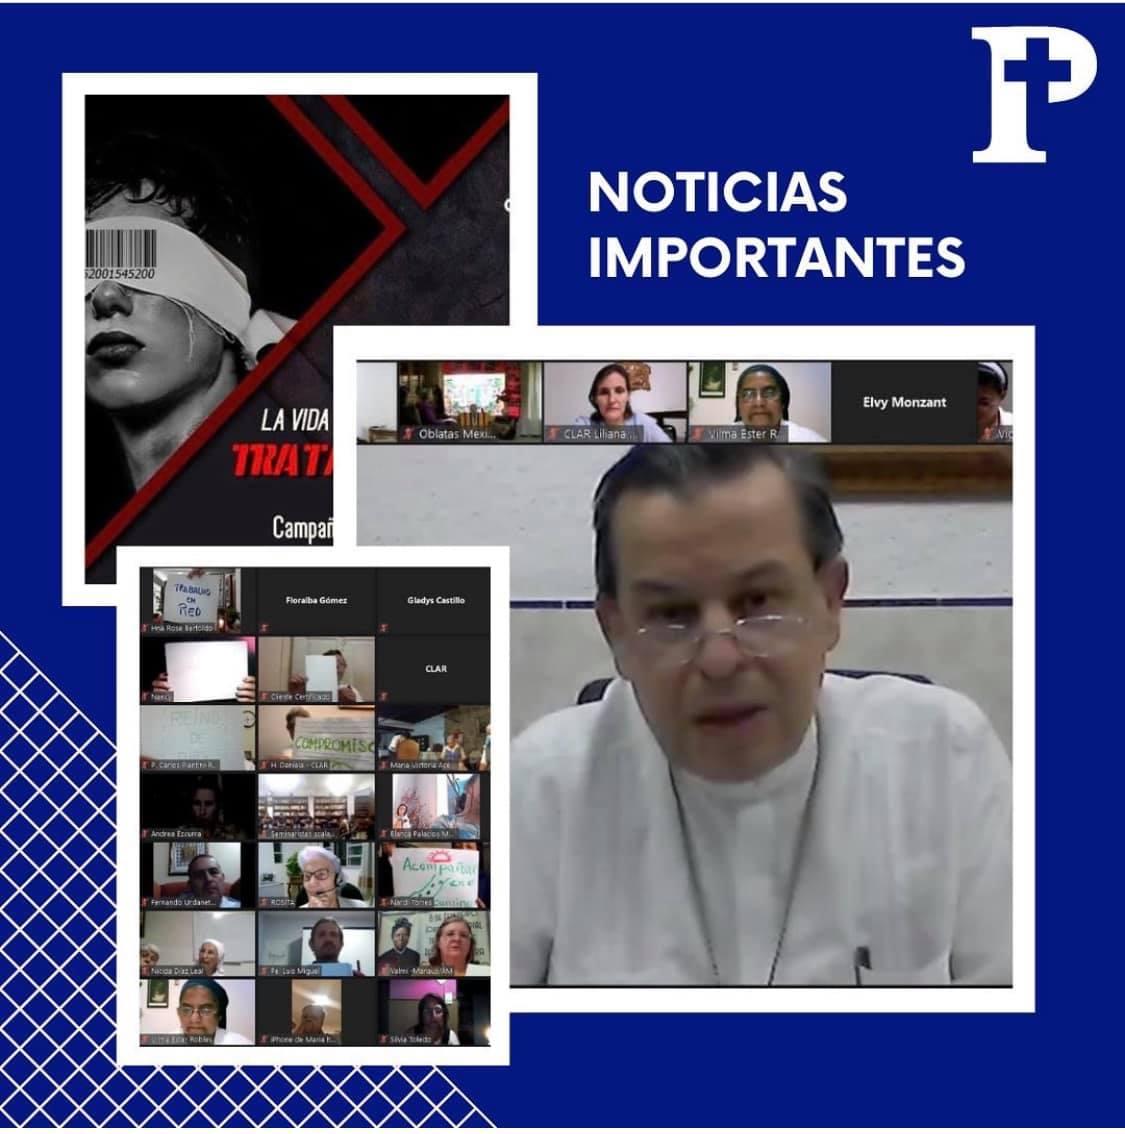 CAMPANA-CONTINENTAL-CONTRA-LA-TRATA-DE-PERSONAS.jpg